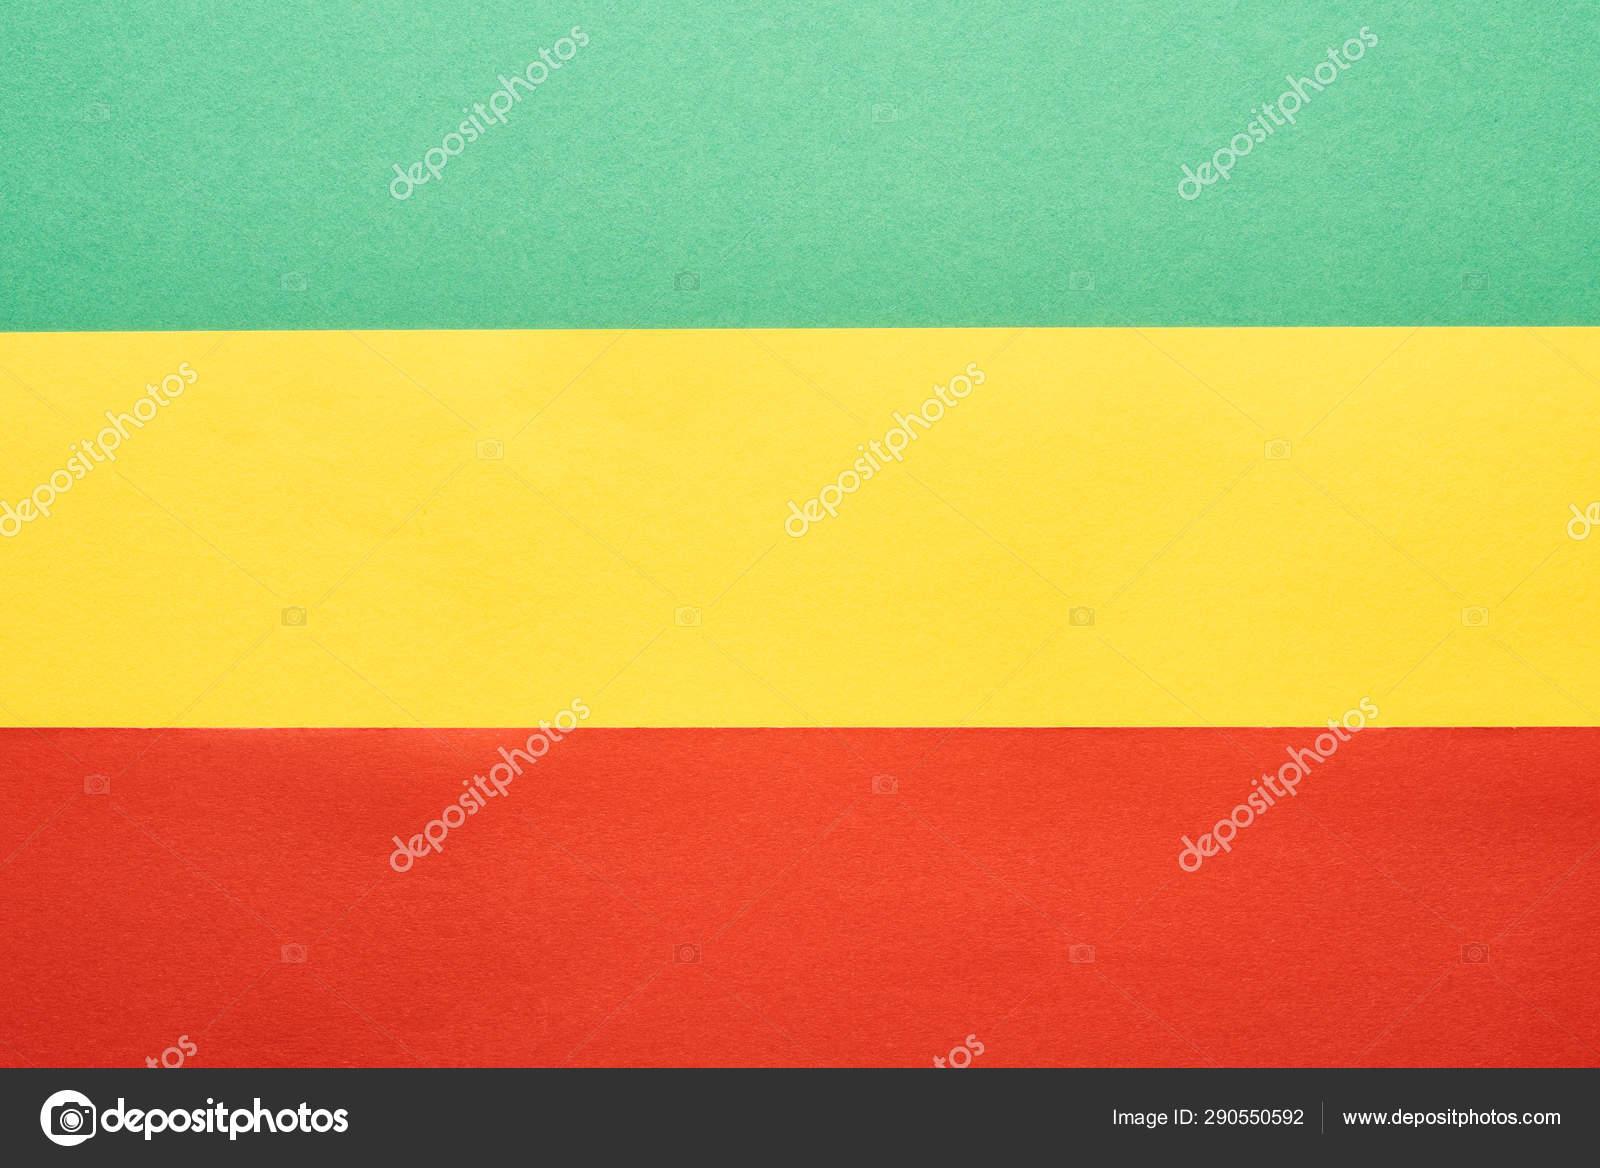 картинки флаг зеленый желтый красный фразы взяты